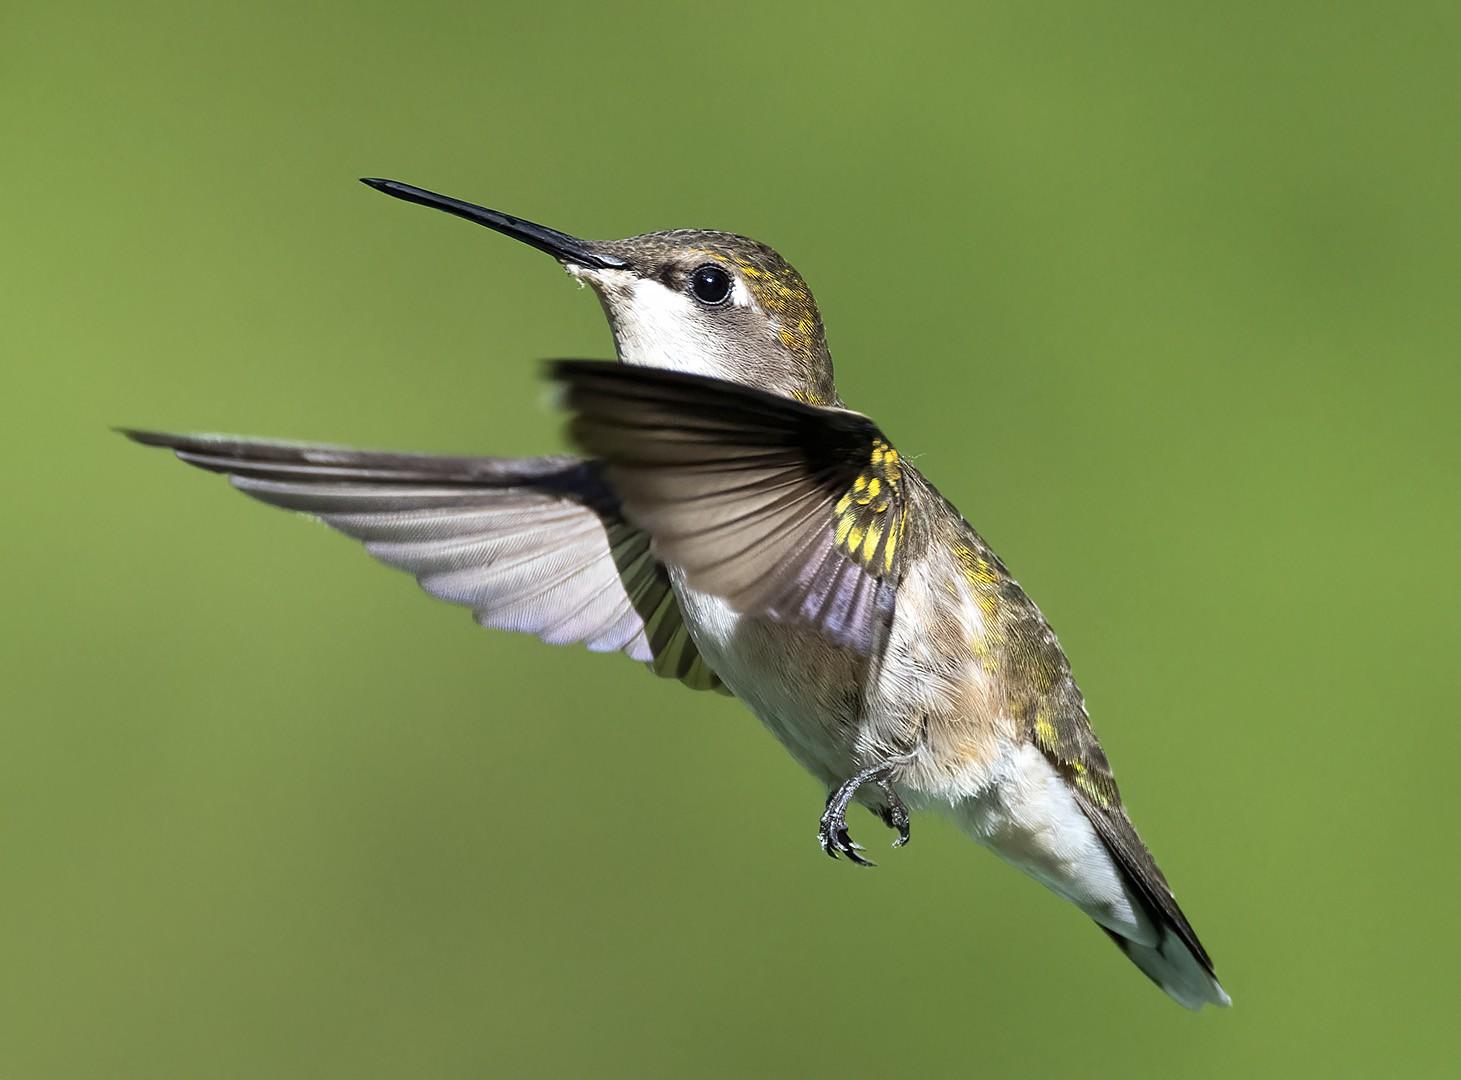 20200601 Hummingbird 1.jpg